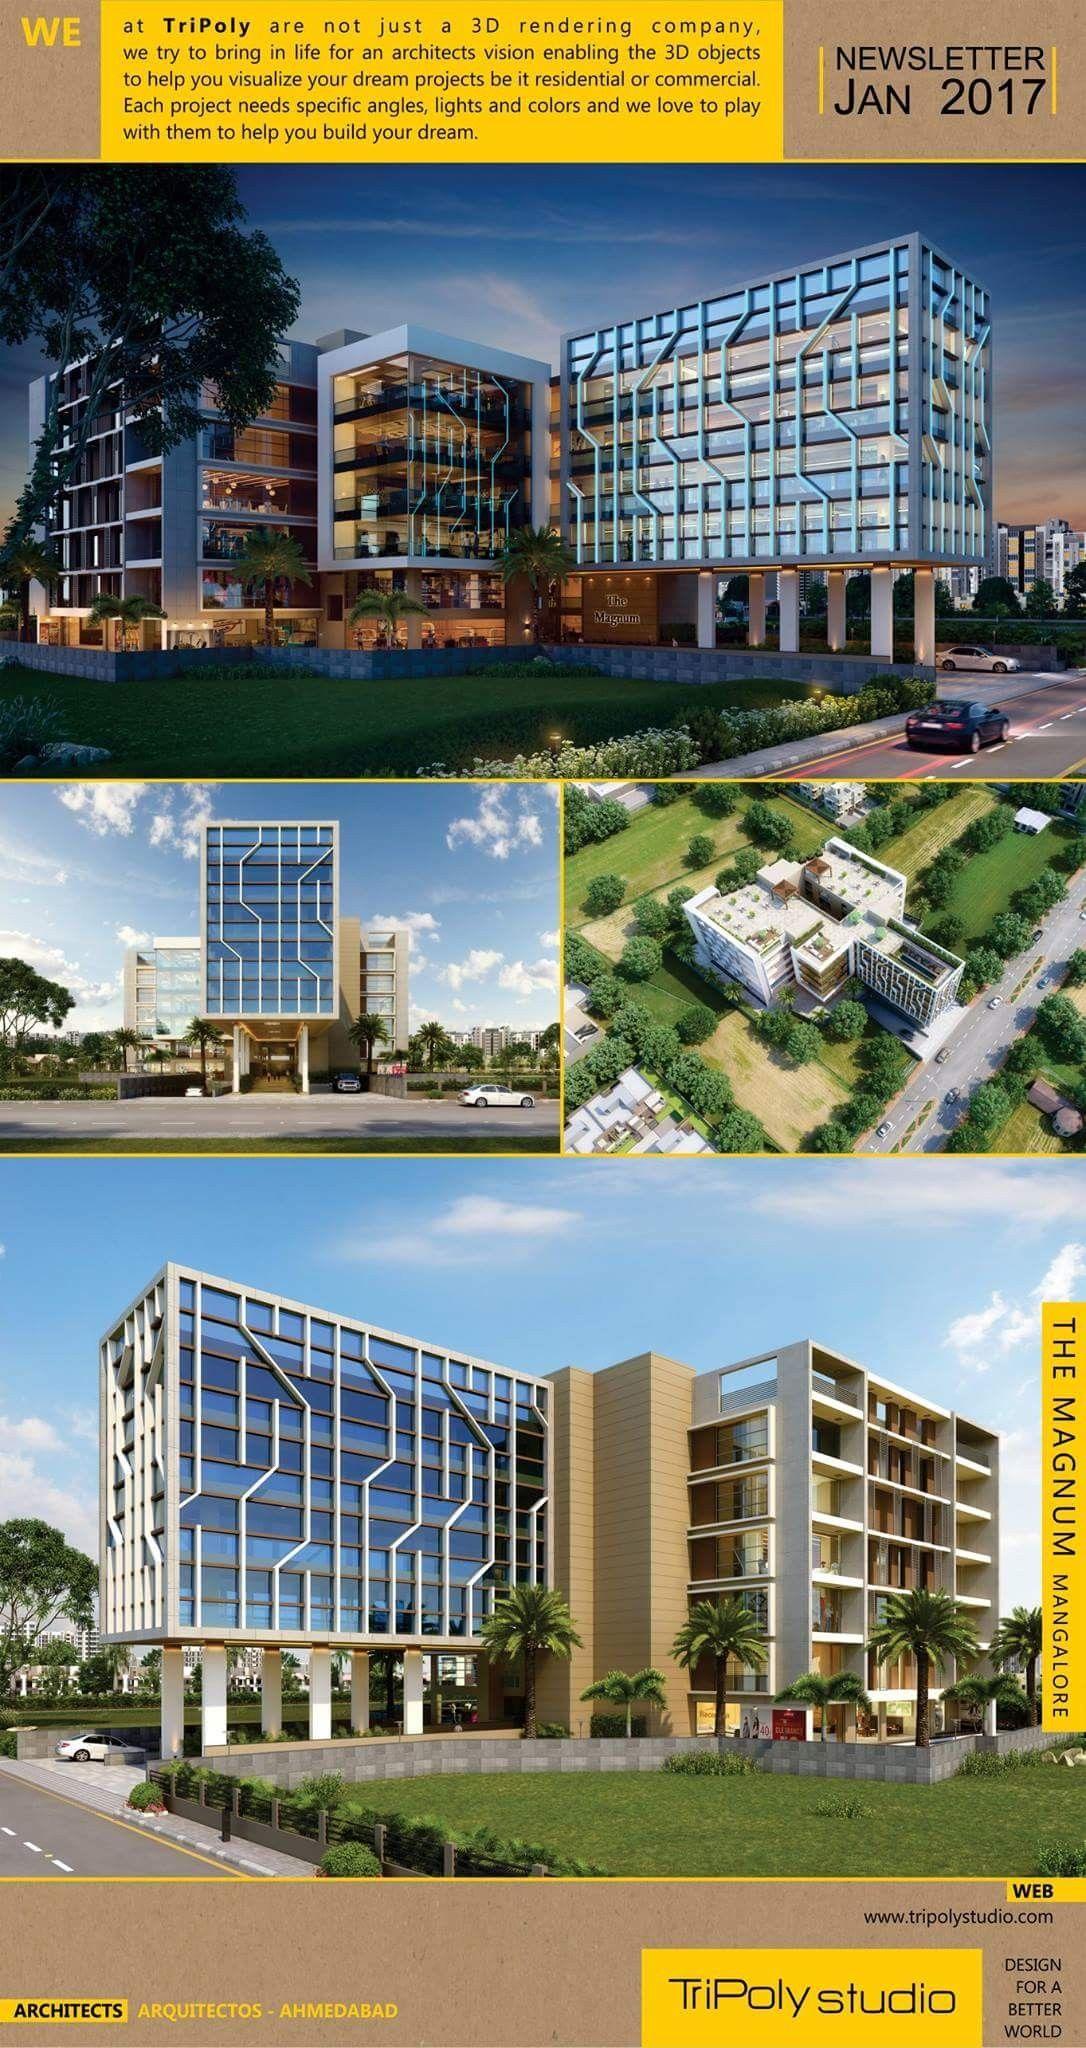 Exterior By Sagar Morkhade Vdraw Architecture 8793196382: Facade Design, Exterior, Architect